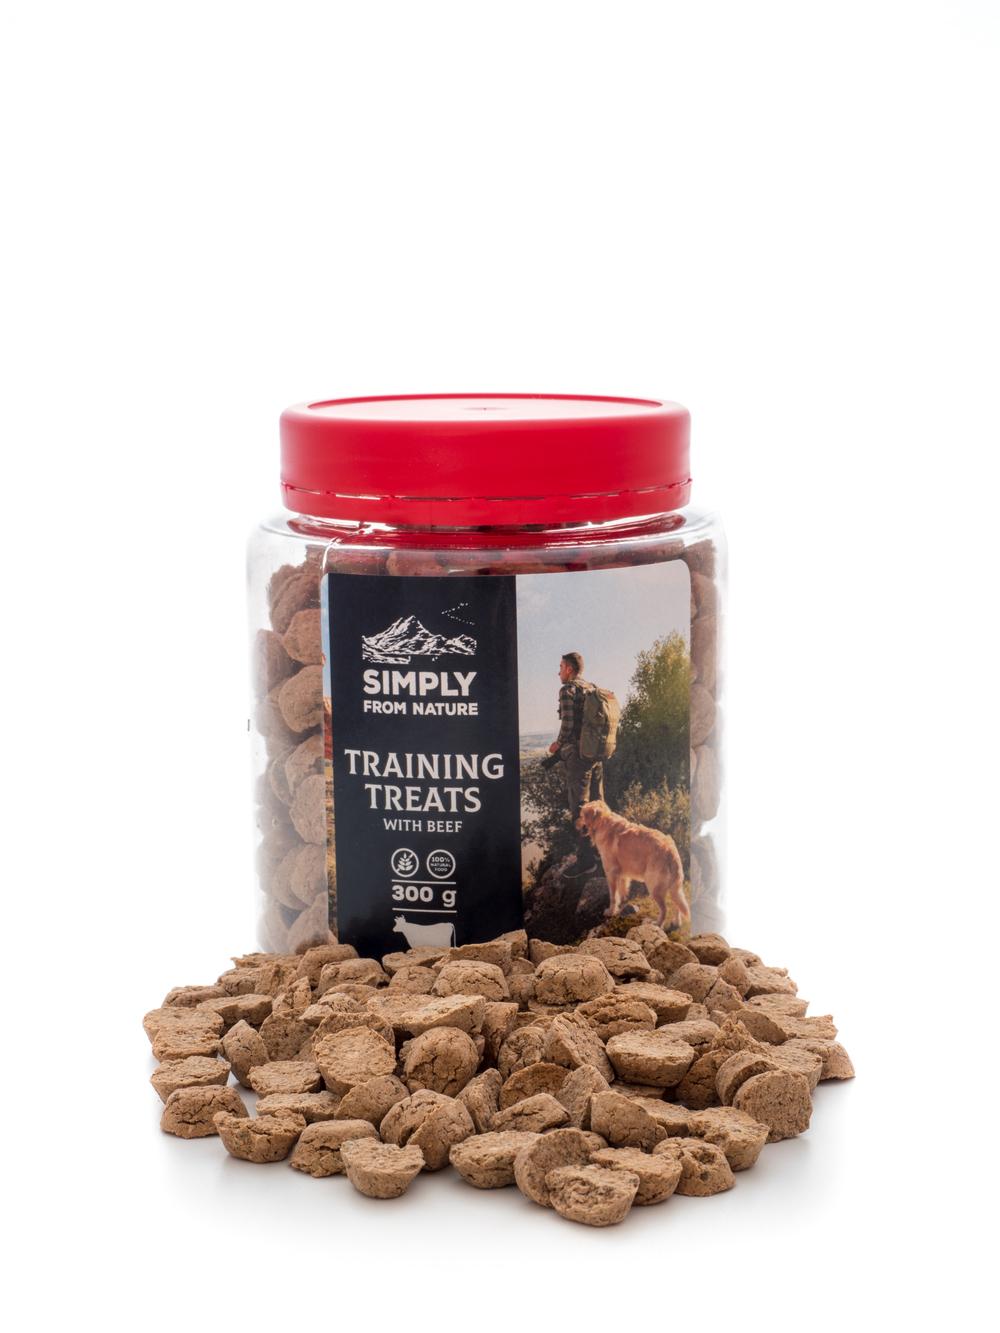 Drobne, łatwe do zjedzenia smaczki treningowe dla psa. Nie brudzą rąk